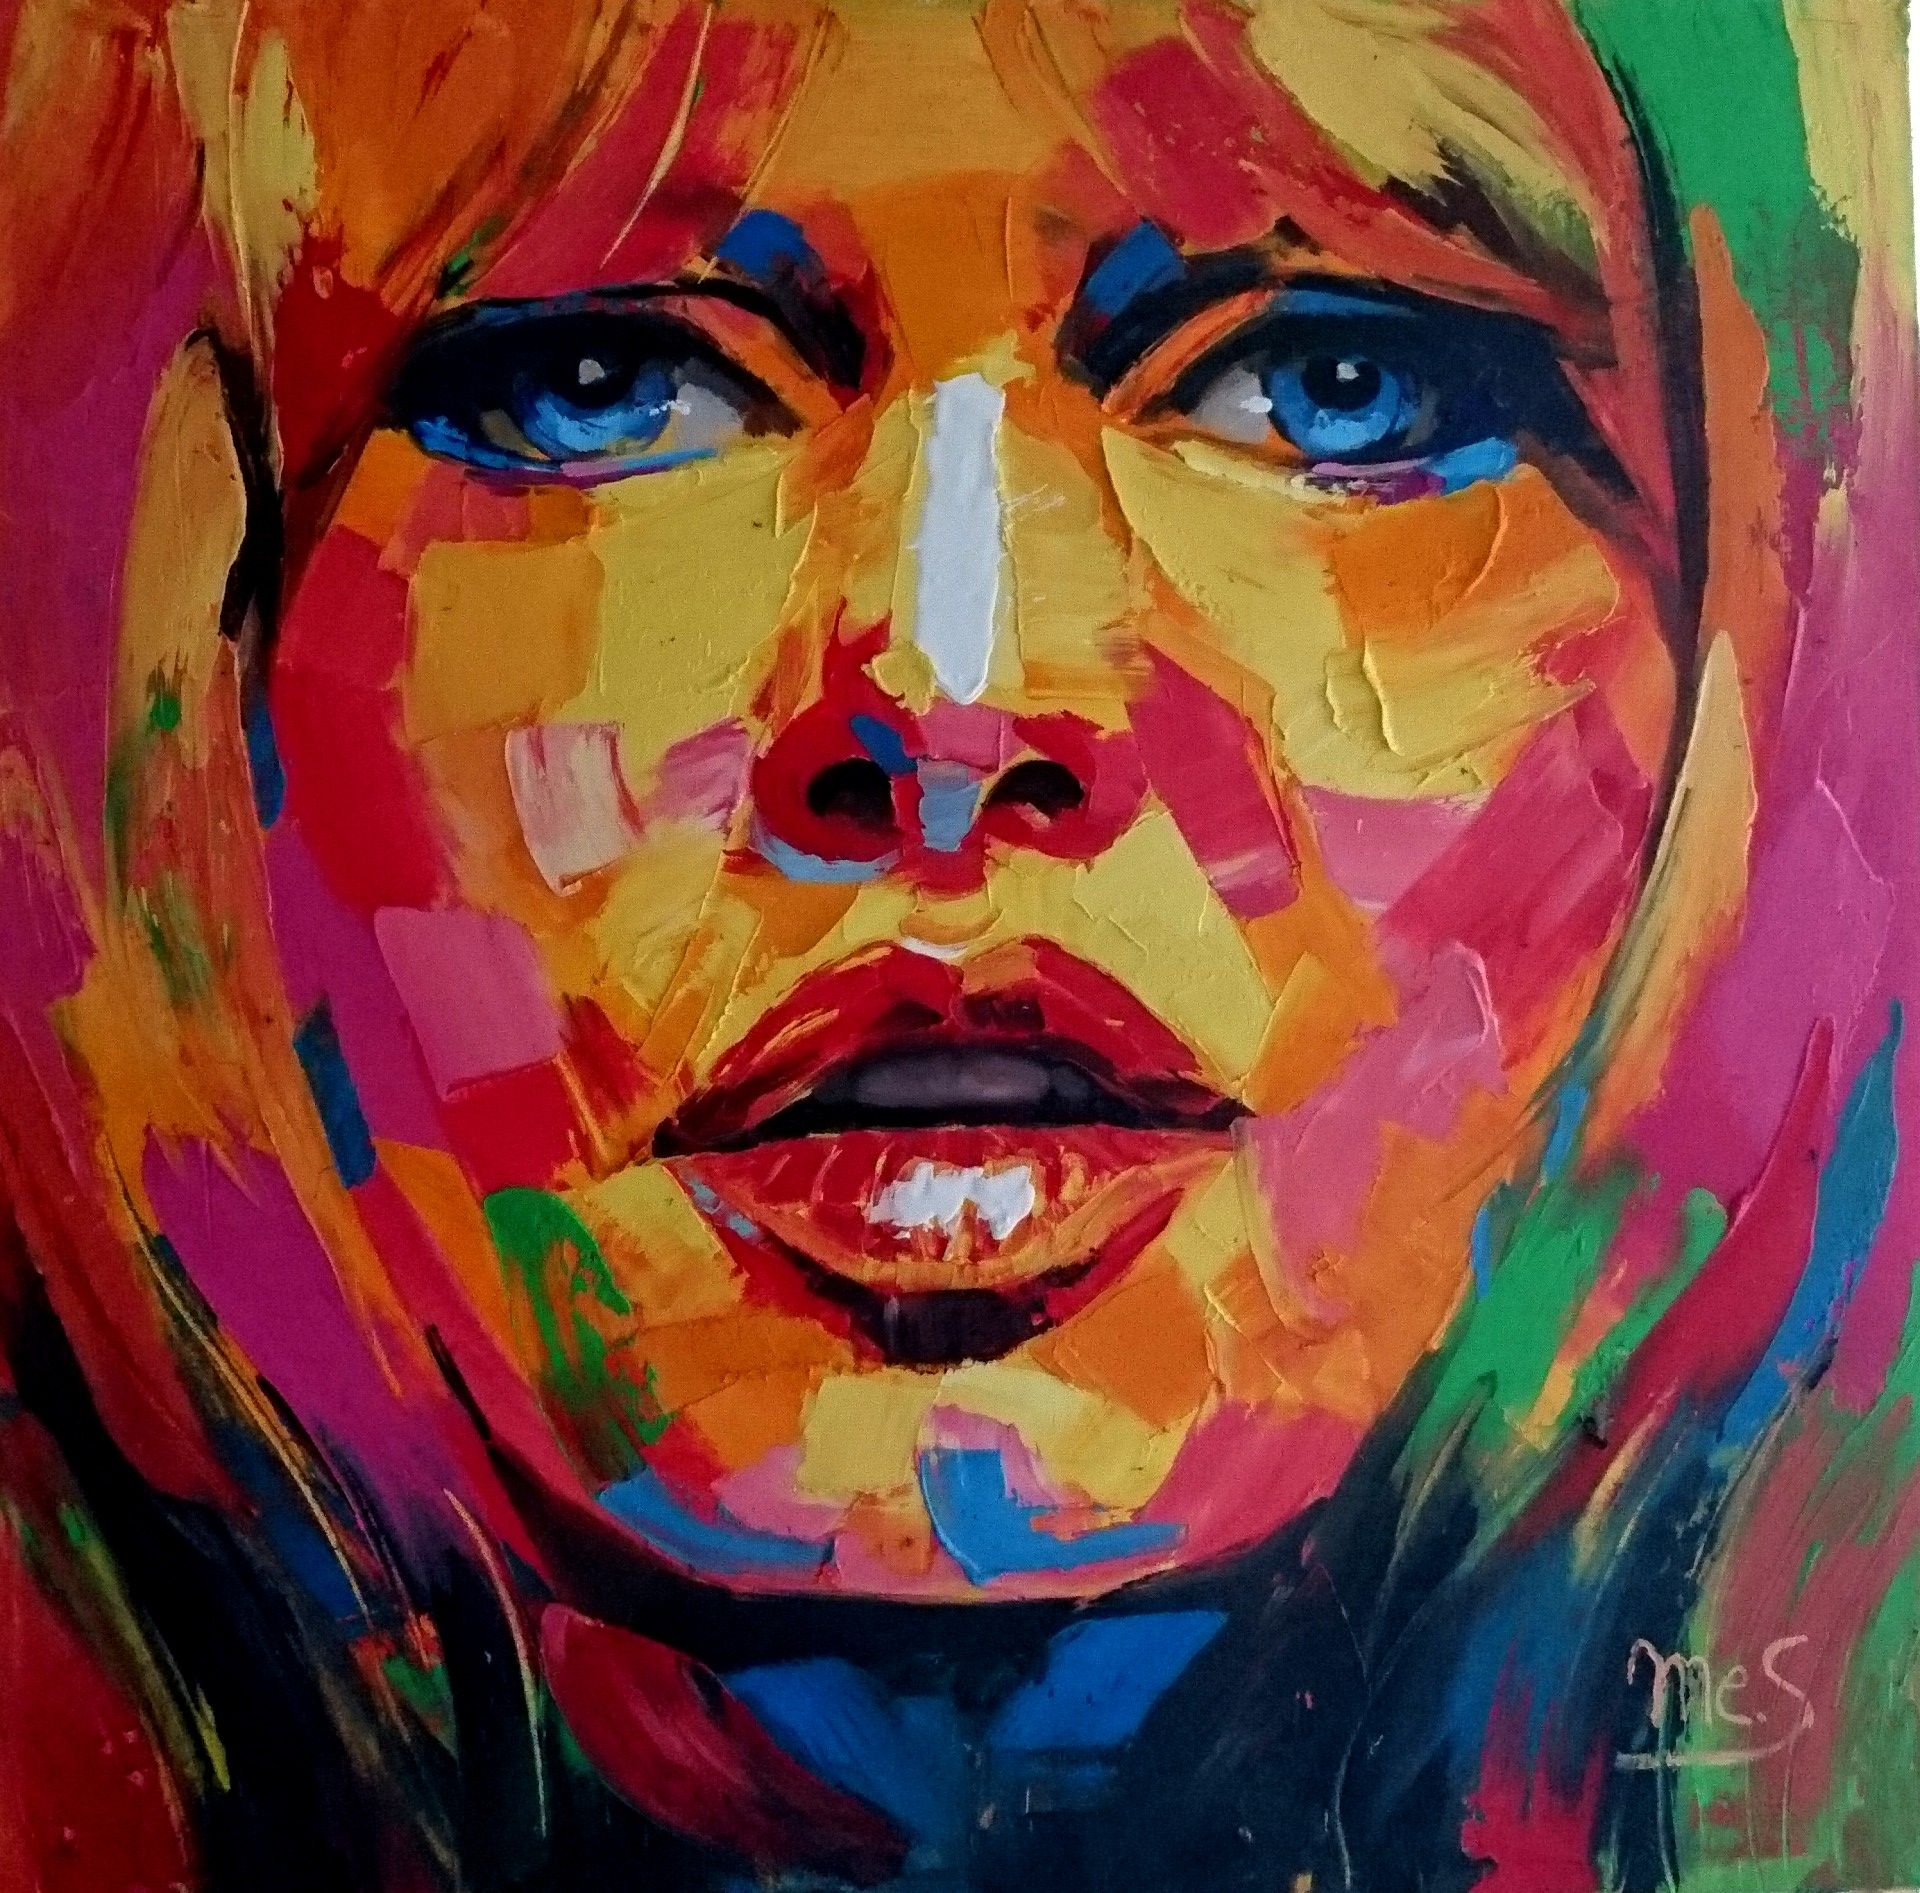 Brigitte bardot par tony messina style fauvisme 80x80 for Miroir acrylique